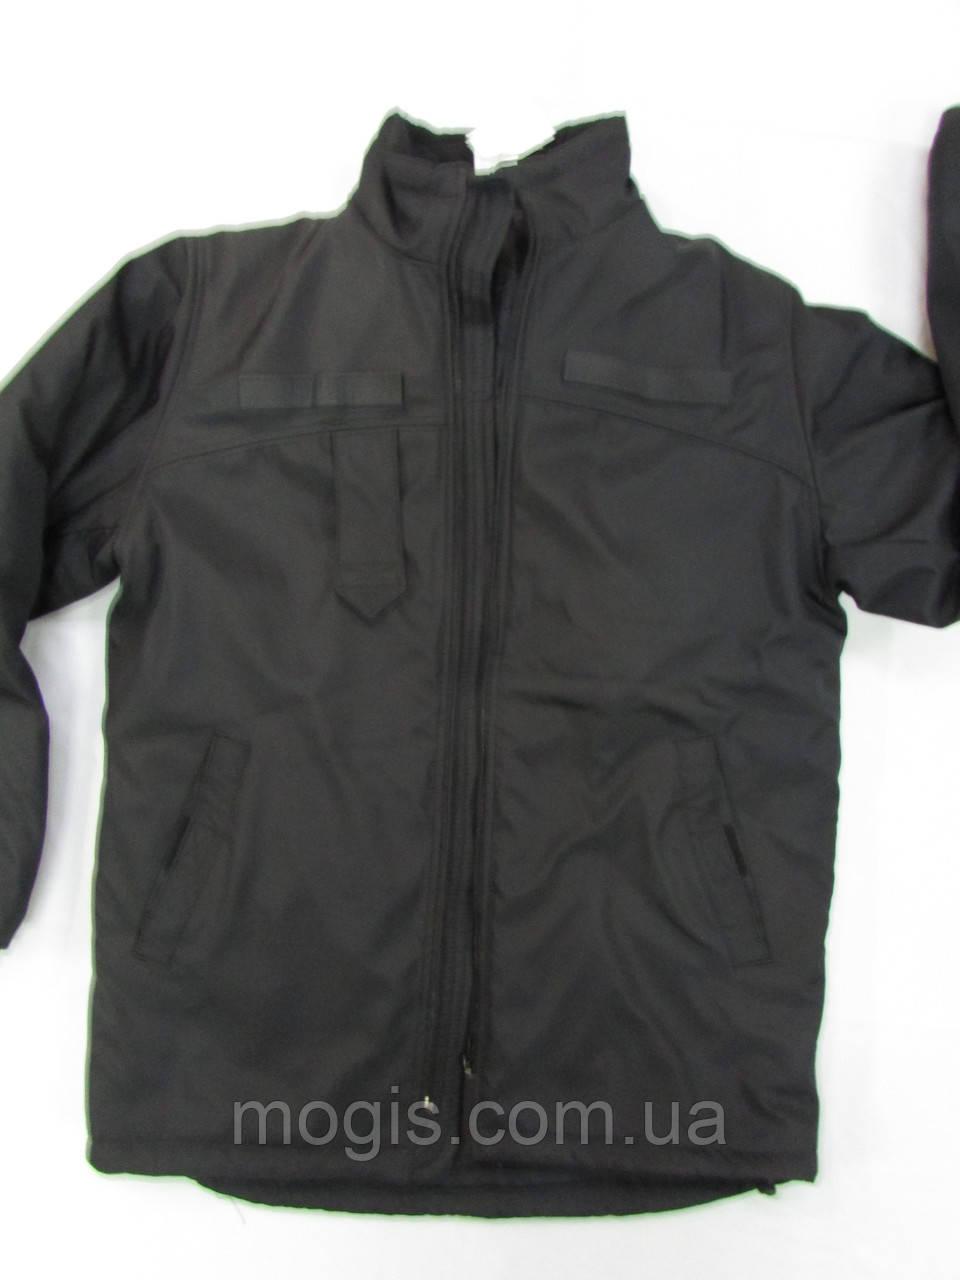 Куртка підстібка НГ (для військовослужбовців) на синтепоні